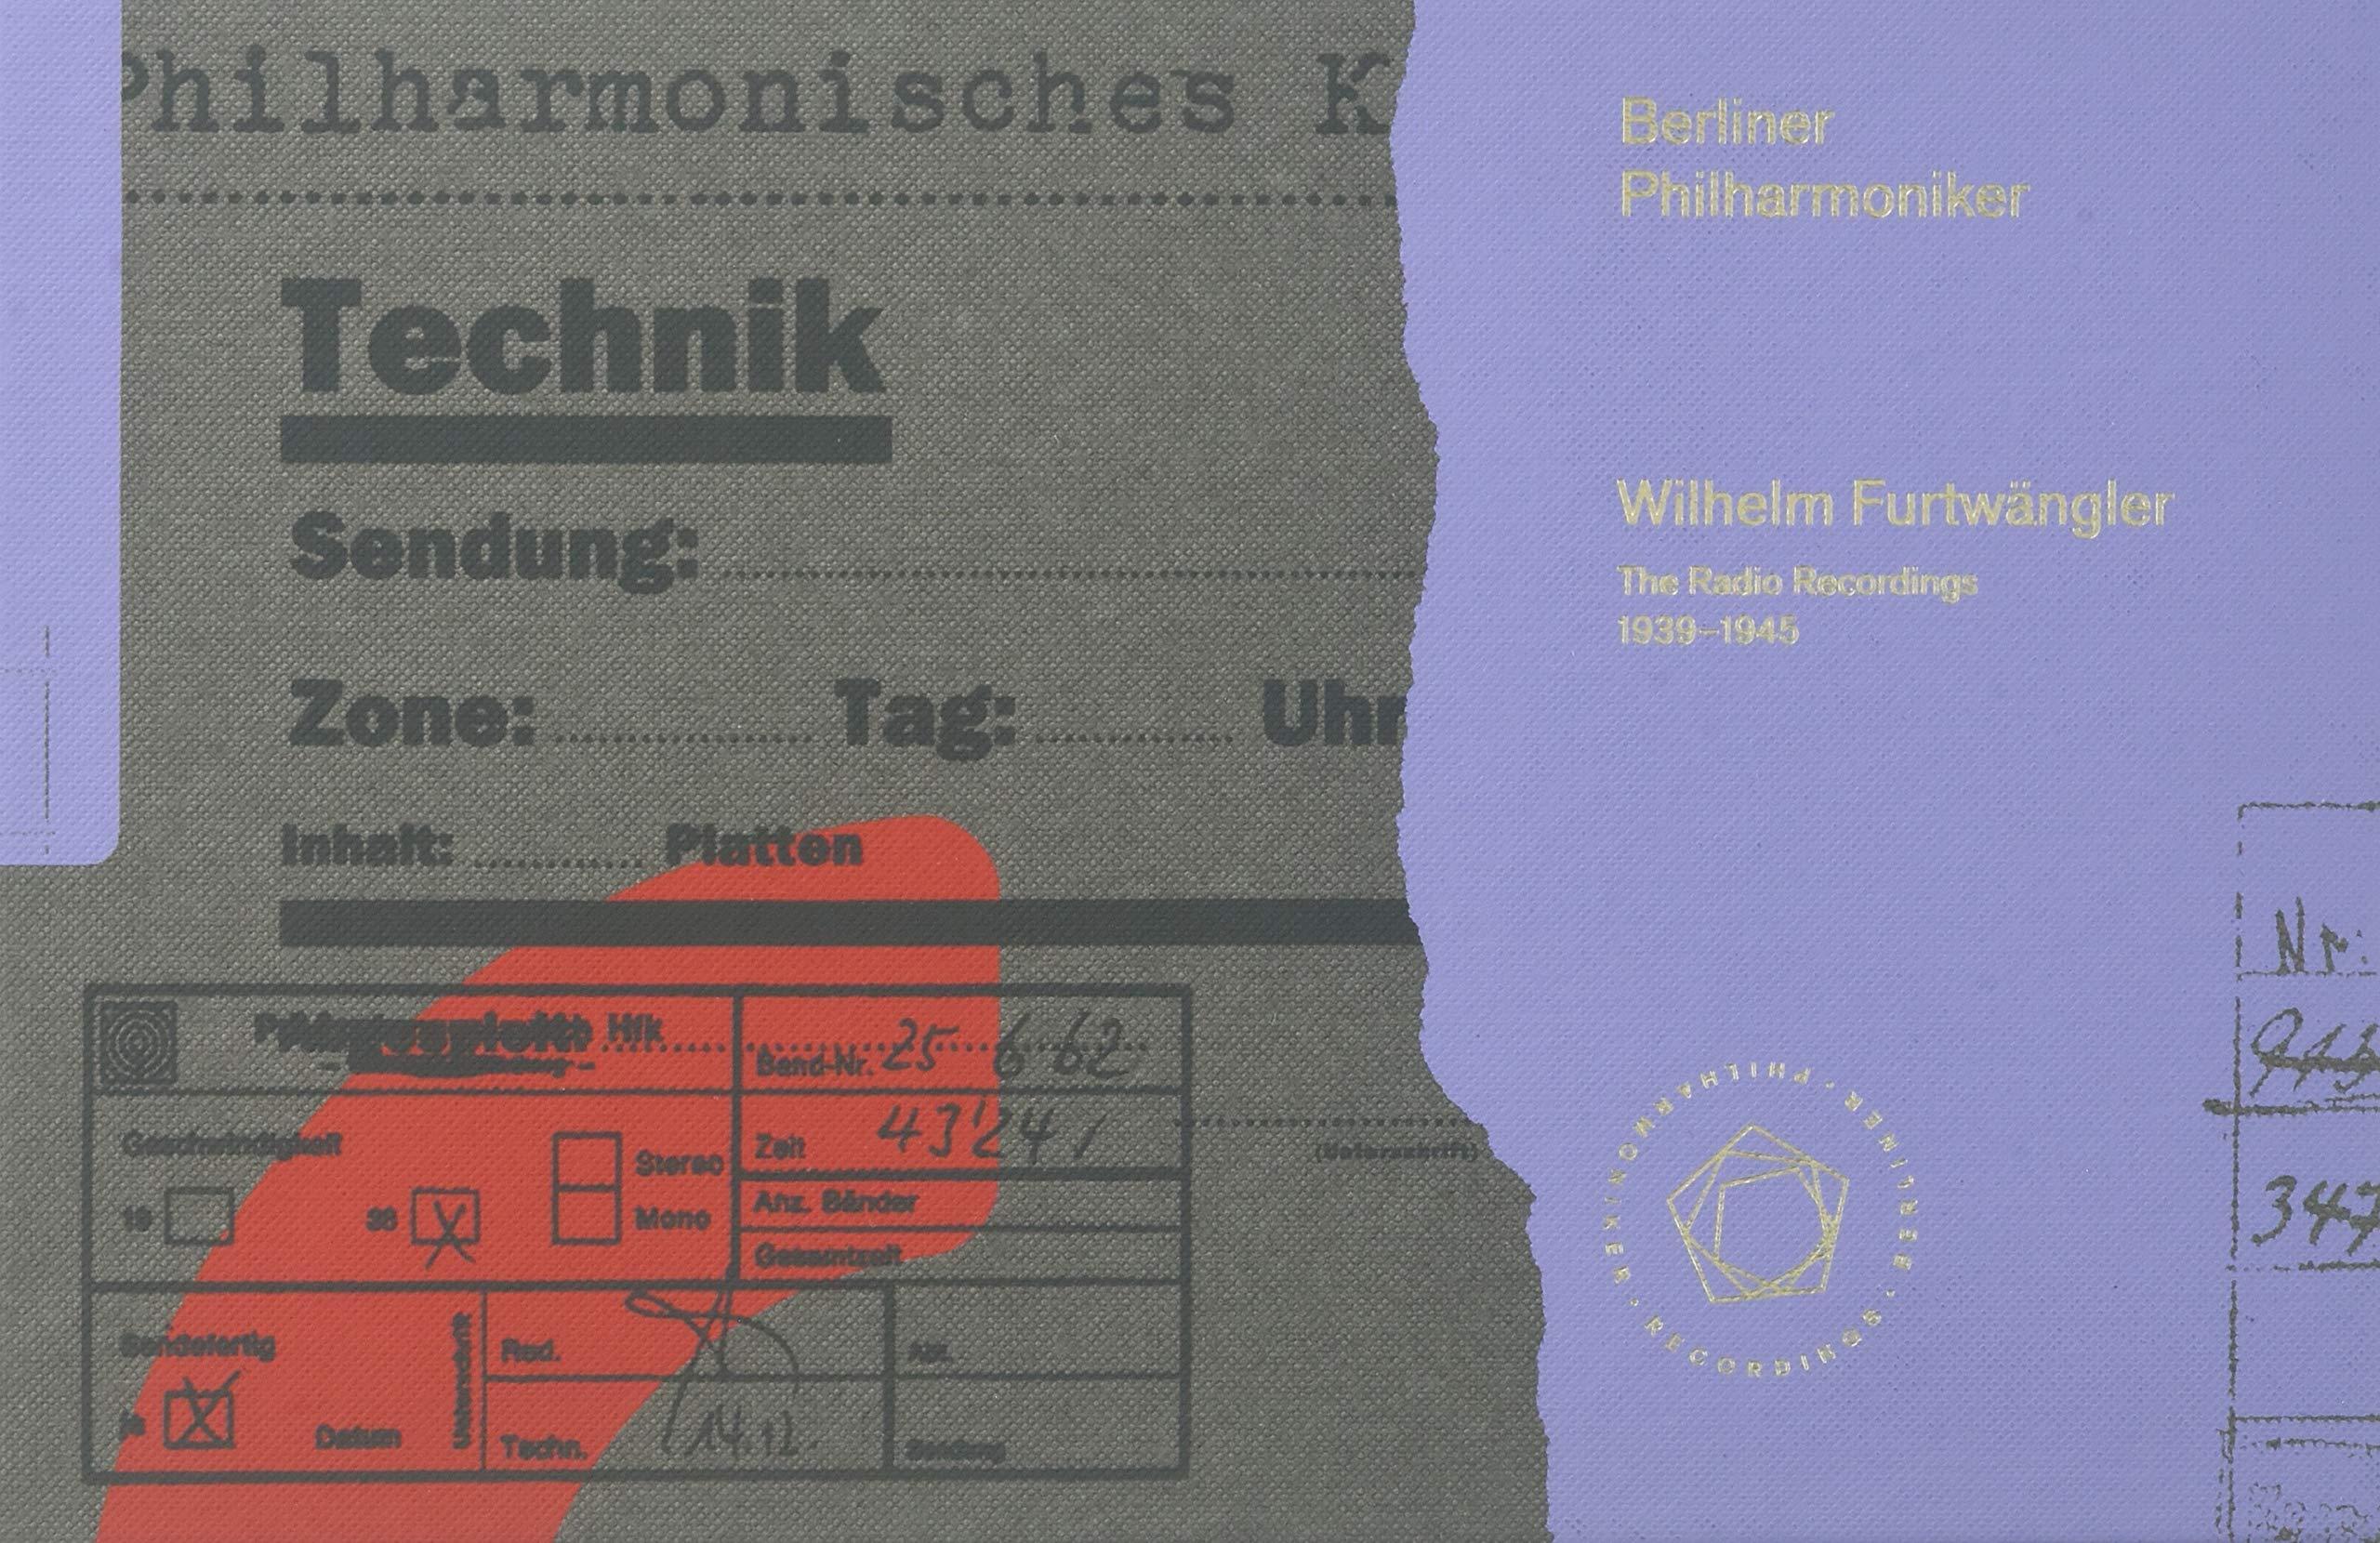 Wilhelm Fürtwangler - The Radio Recordings 1939 - 1945. Berliner Philharmoniker. SACD by Berliner Philharmon